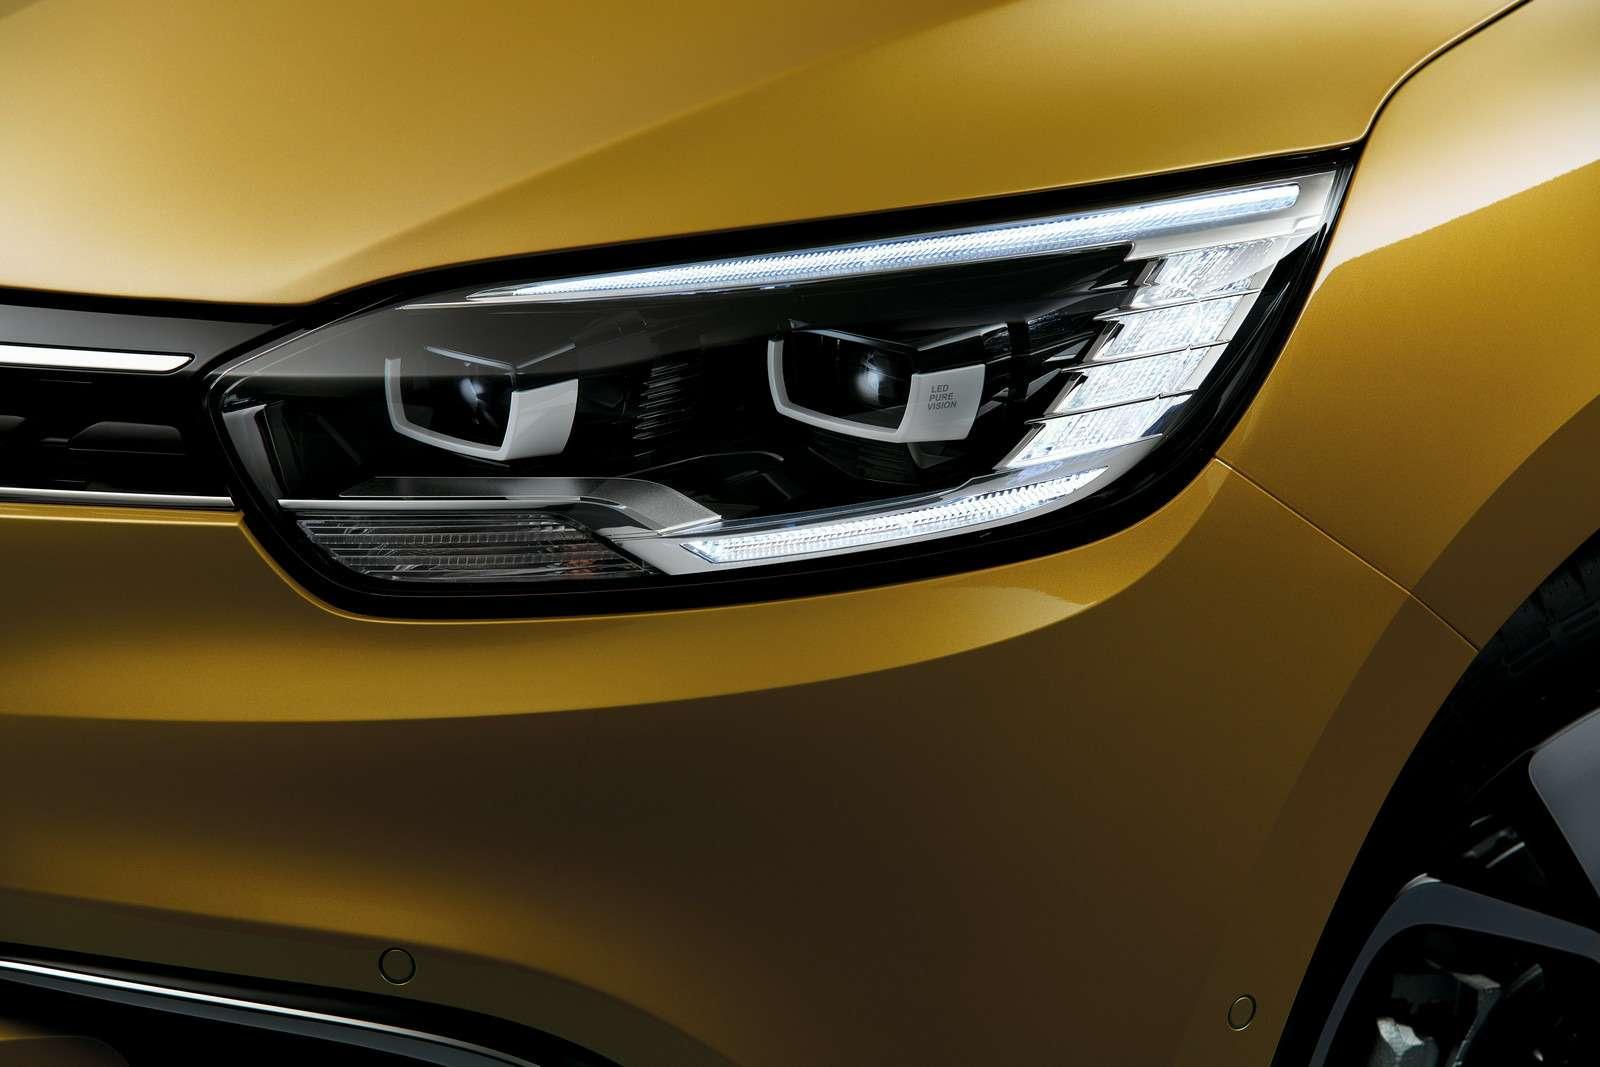 Renault_75996_global_en